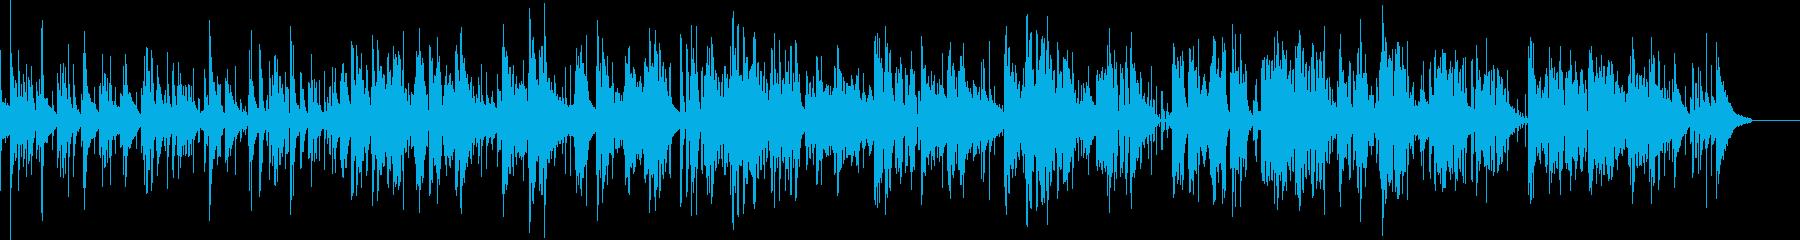 ヴィブラフォンが奏でるバラードナンバー の再生済みの波形